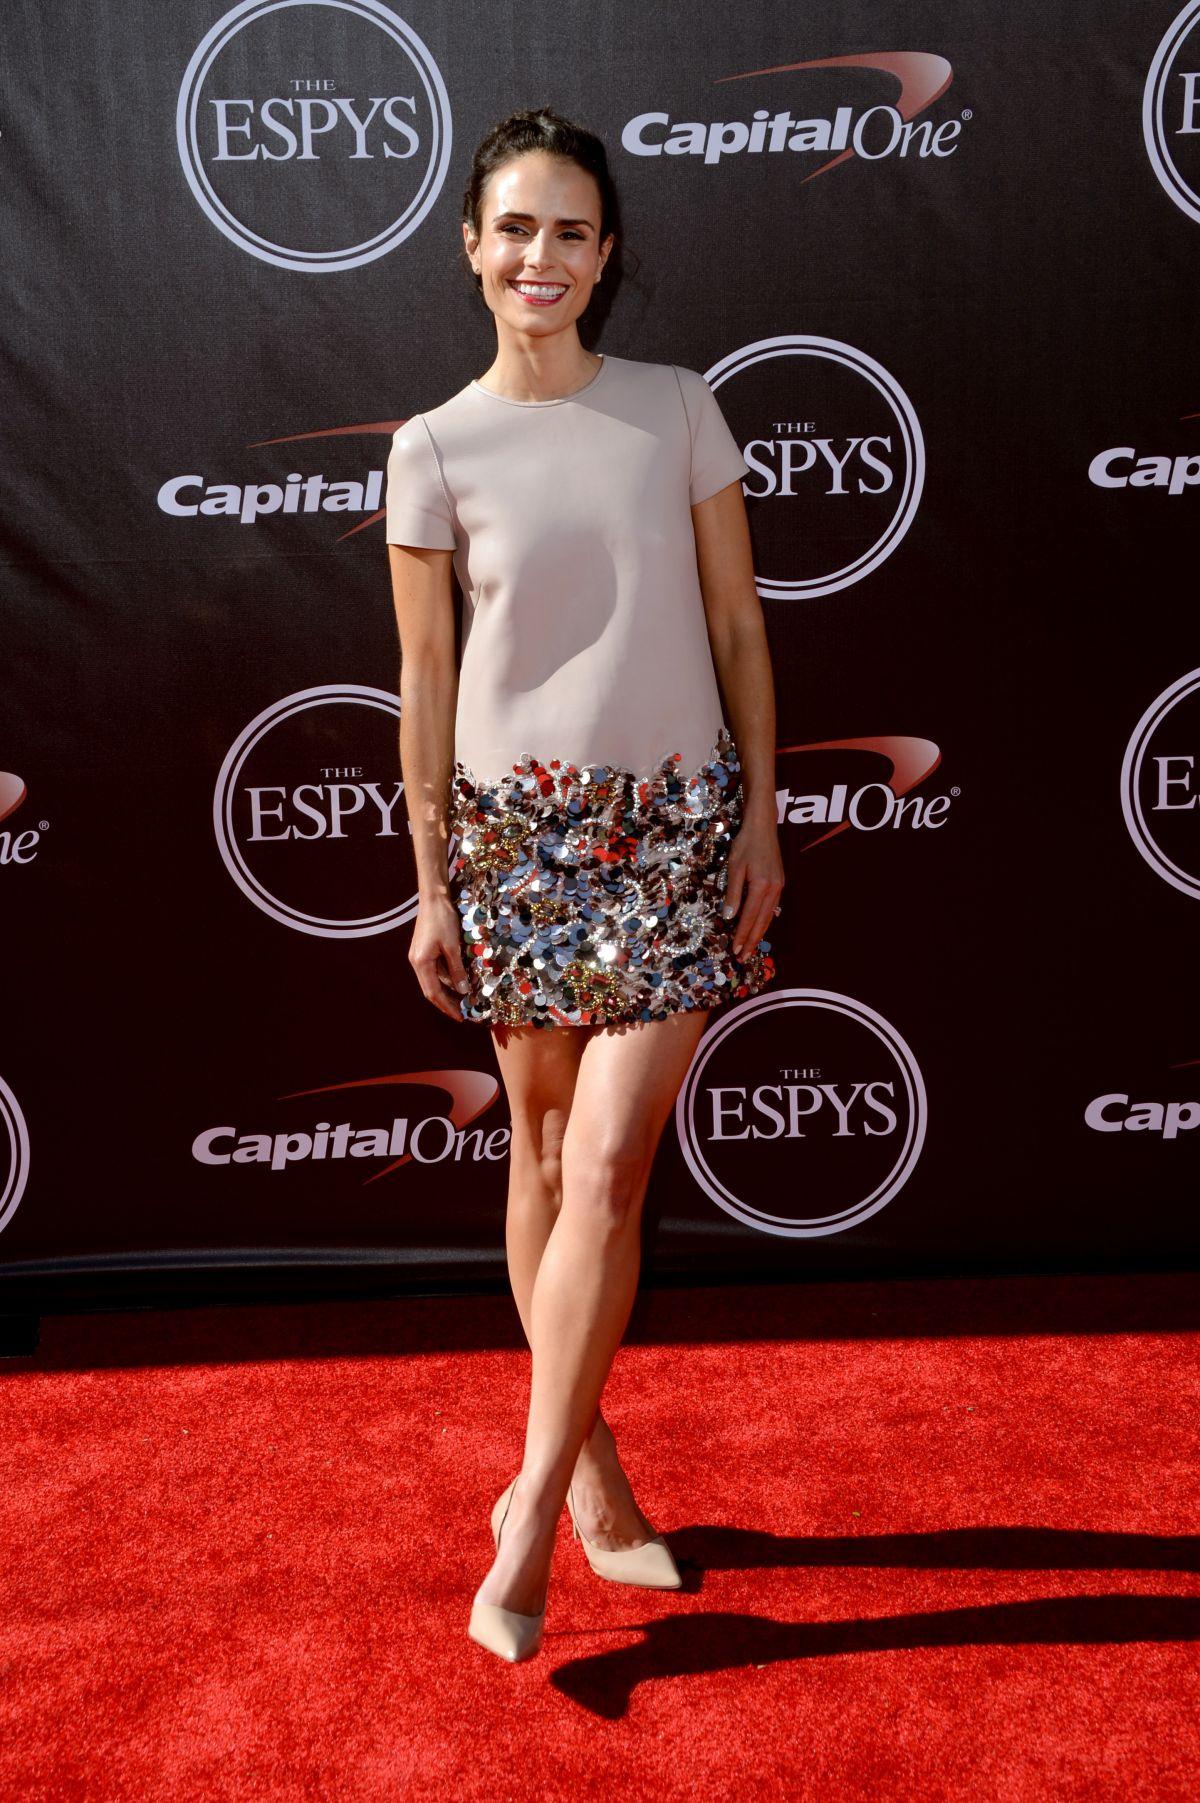 JORDANA BREWSTER at 2014 ESPYS Awards in Los Angeles